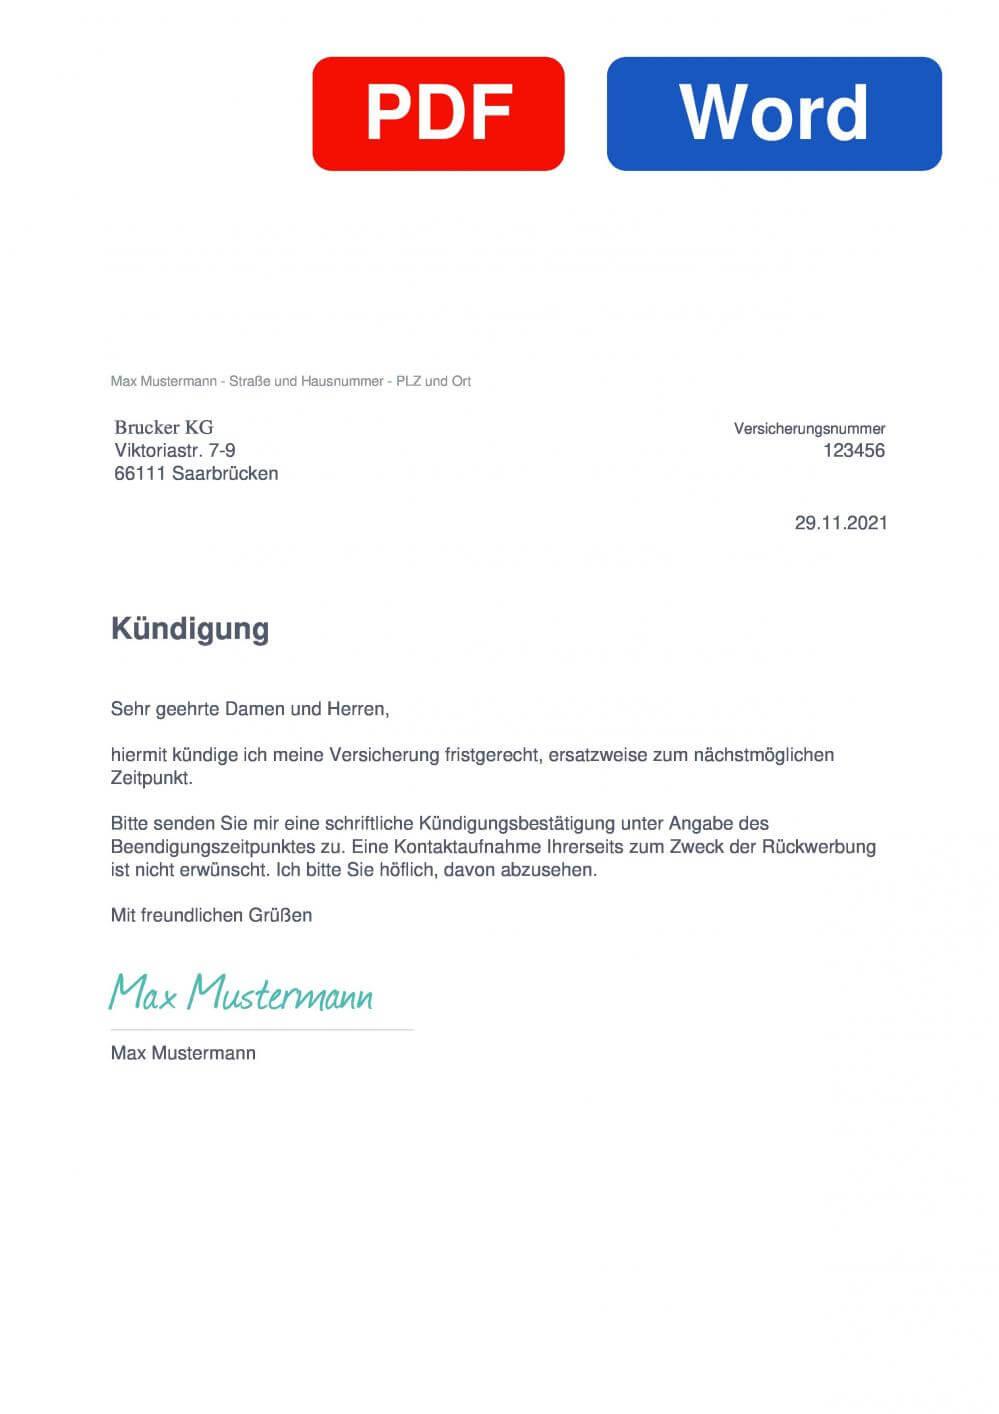 Brucker Versicherung Muster Vorlage für Kündigungsschreiben